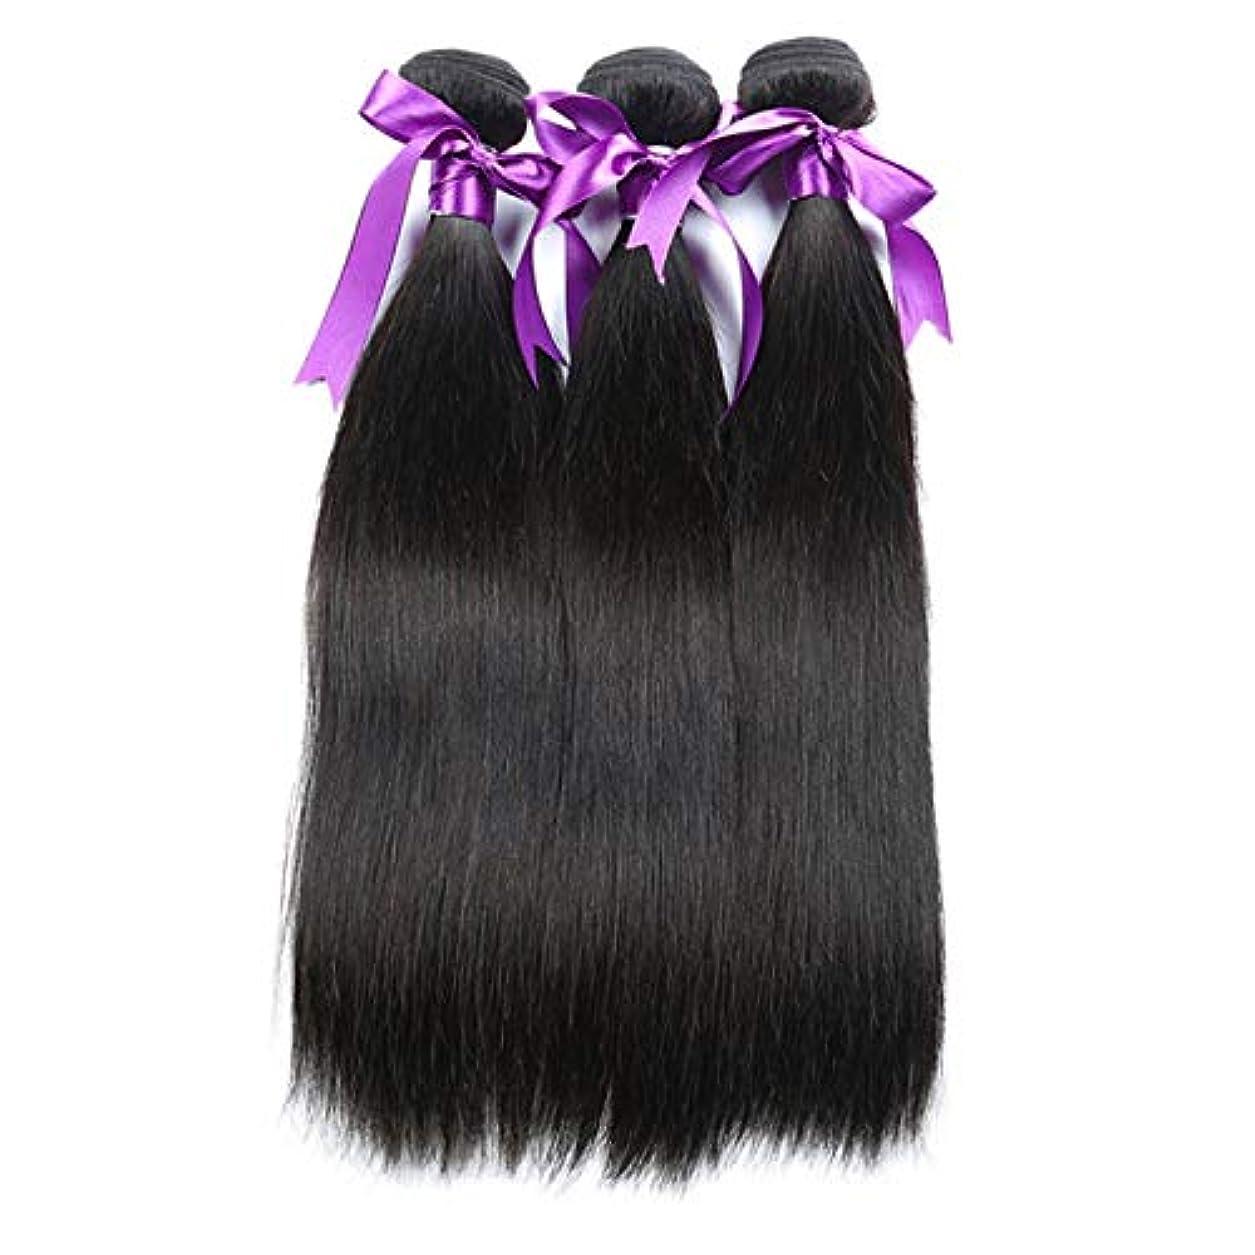 小説家ペン圧倒的髪ペルーストレートヘア3個人毛バンドル非Remyヘアエクステンション8-28インチ (Length : 12 14 14)